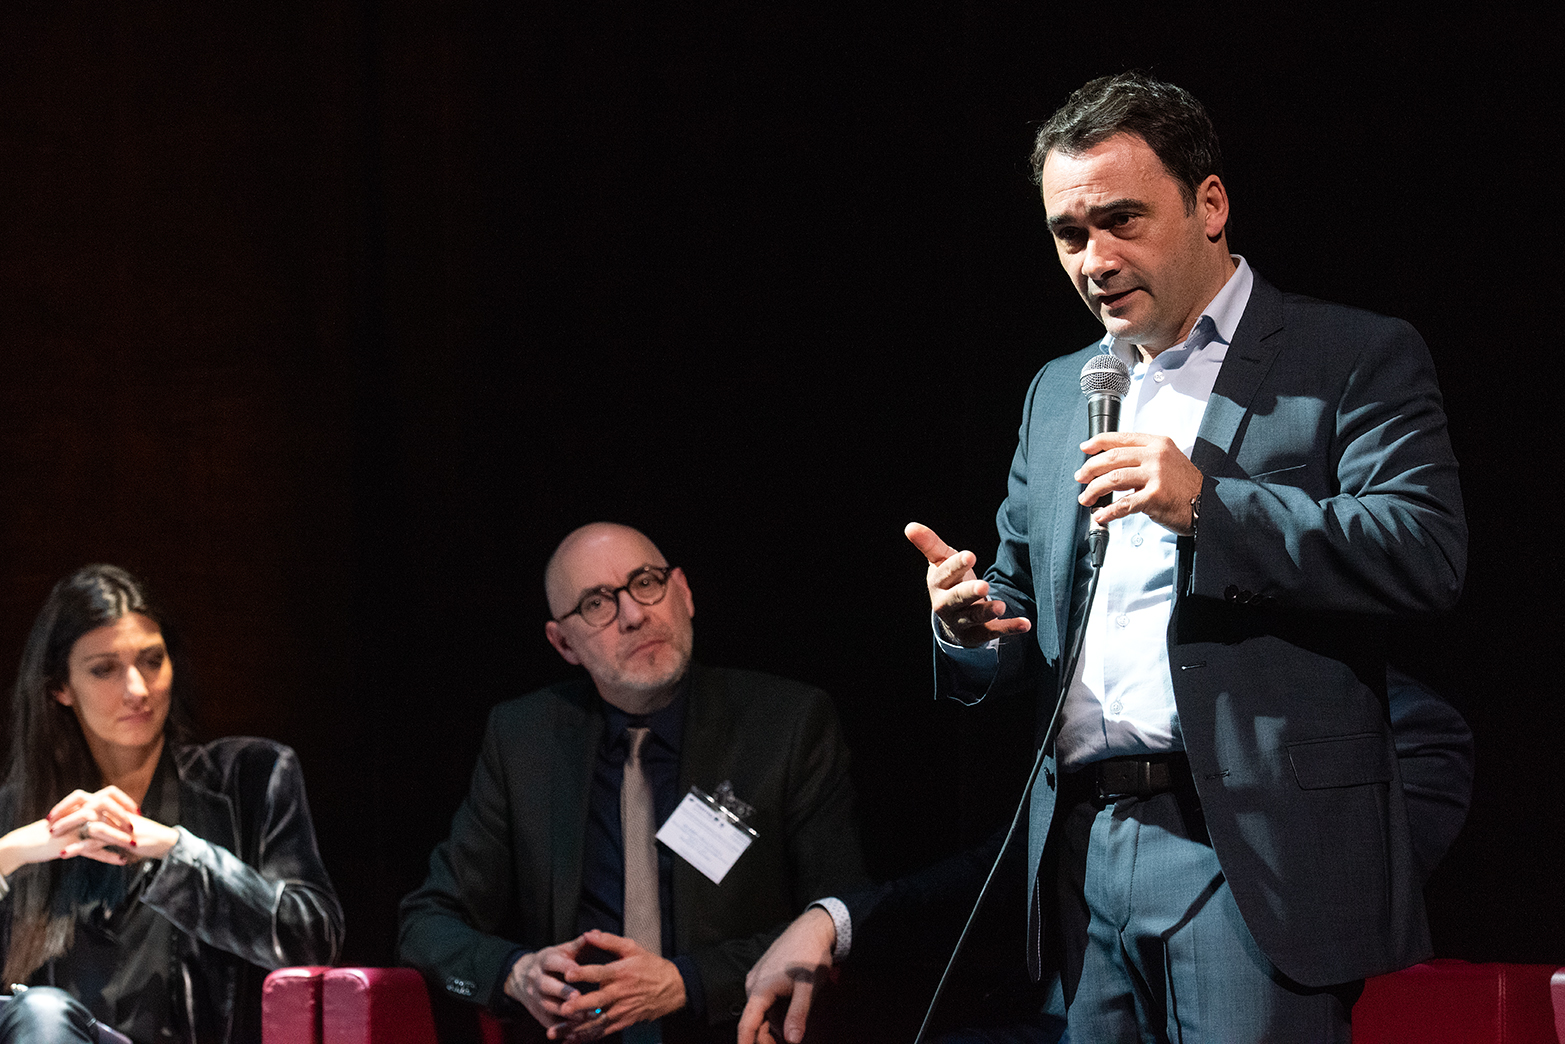 Le 1er adjoint Stéphane Sbraggia lors des rencontres européennes CIEVP sur l'attractivité des centres-villes, mardi 29 juin à Ajaccio (Photo Ville d'Ajaccio).